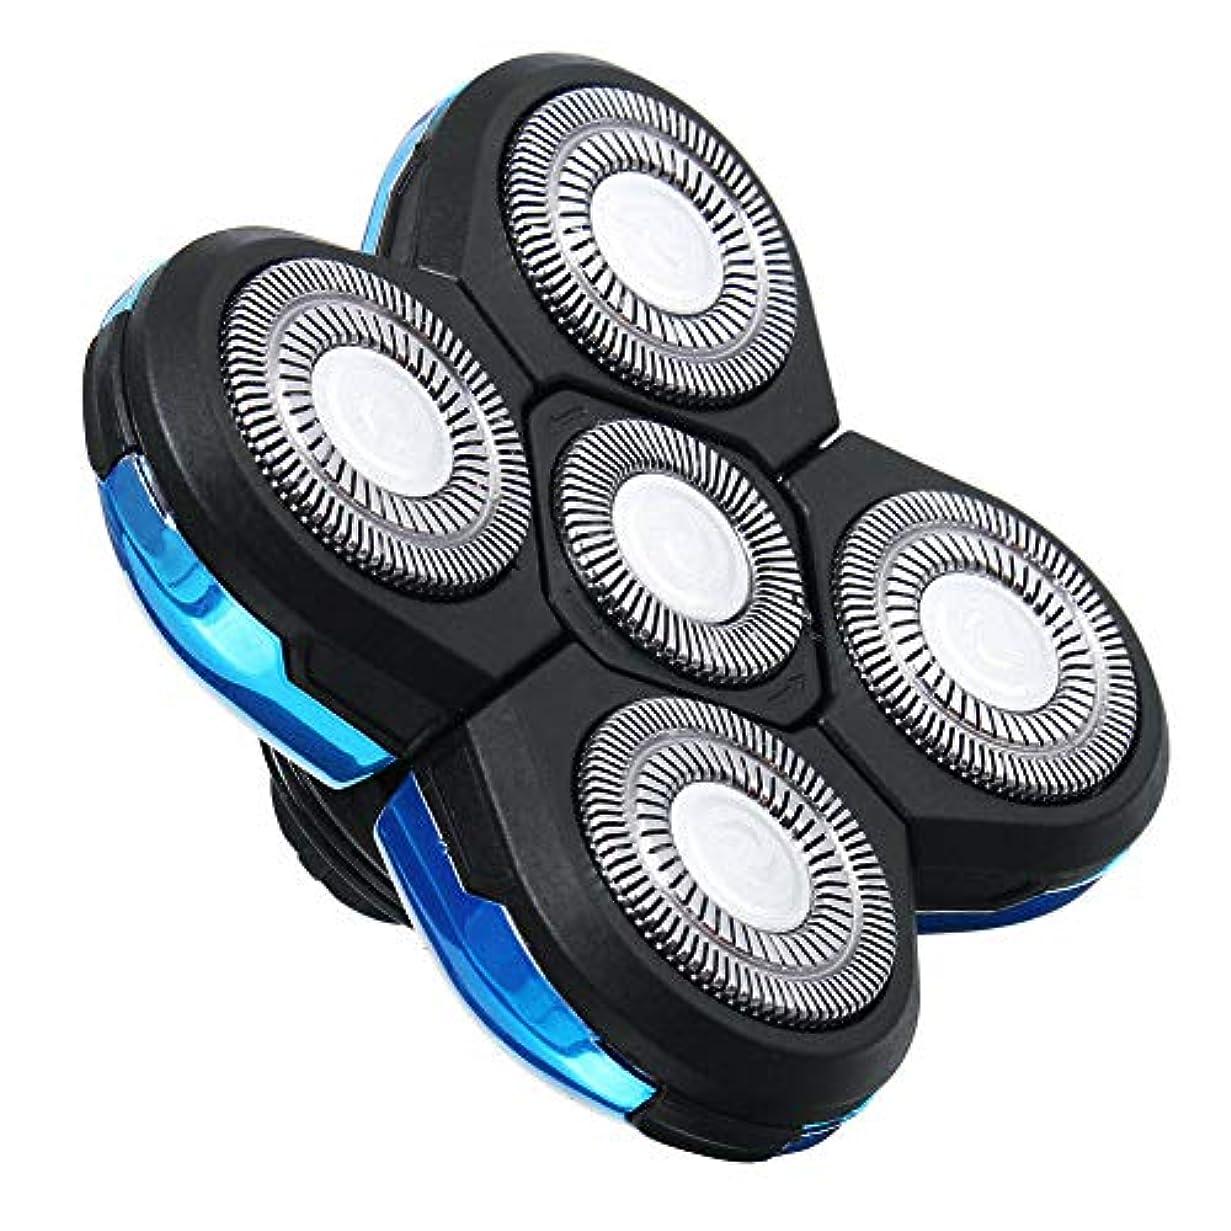 保守的シマウマセッティングシェーバー5 s電気かみそり高速ひげカッター交換耐久性のあるヘアトリマーダブルリング簡単インストールフローティング実用シェービングブレードユニバーサル(ブルー)